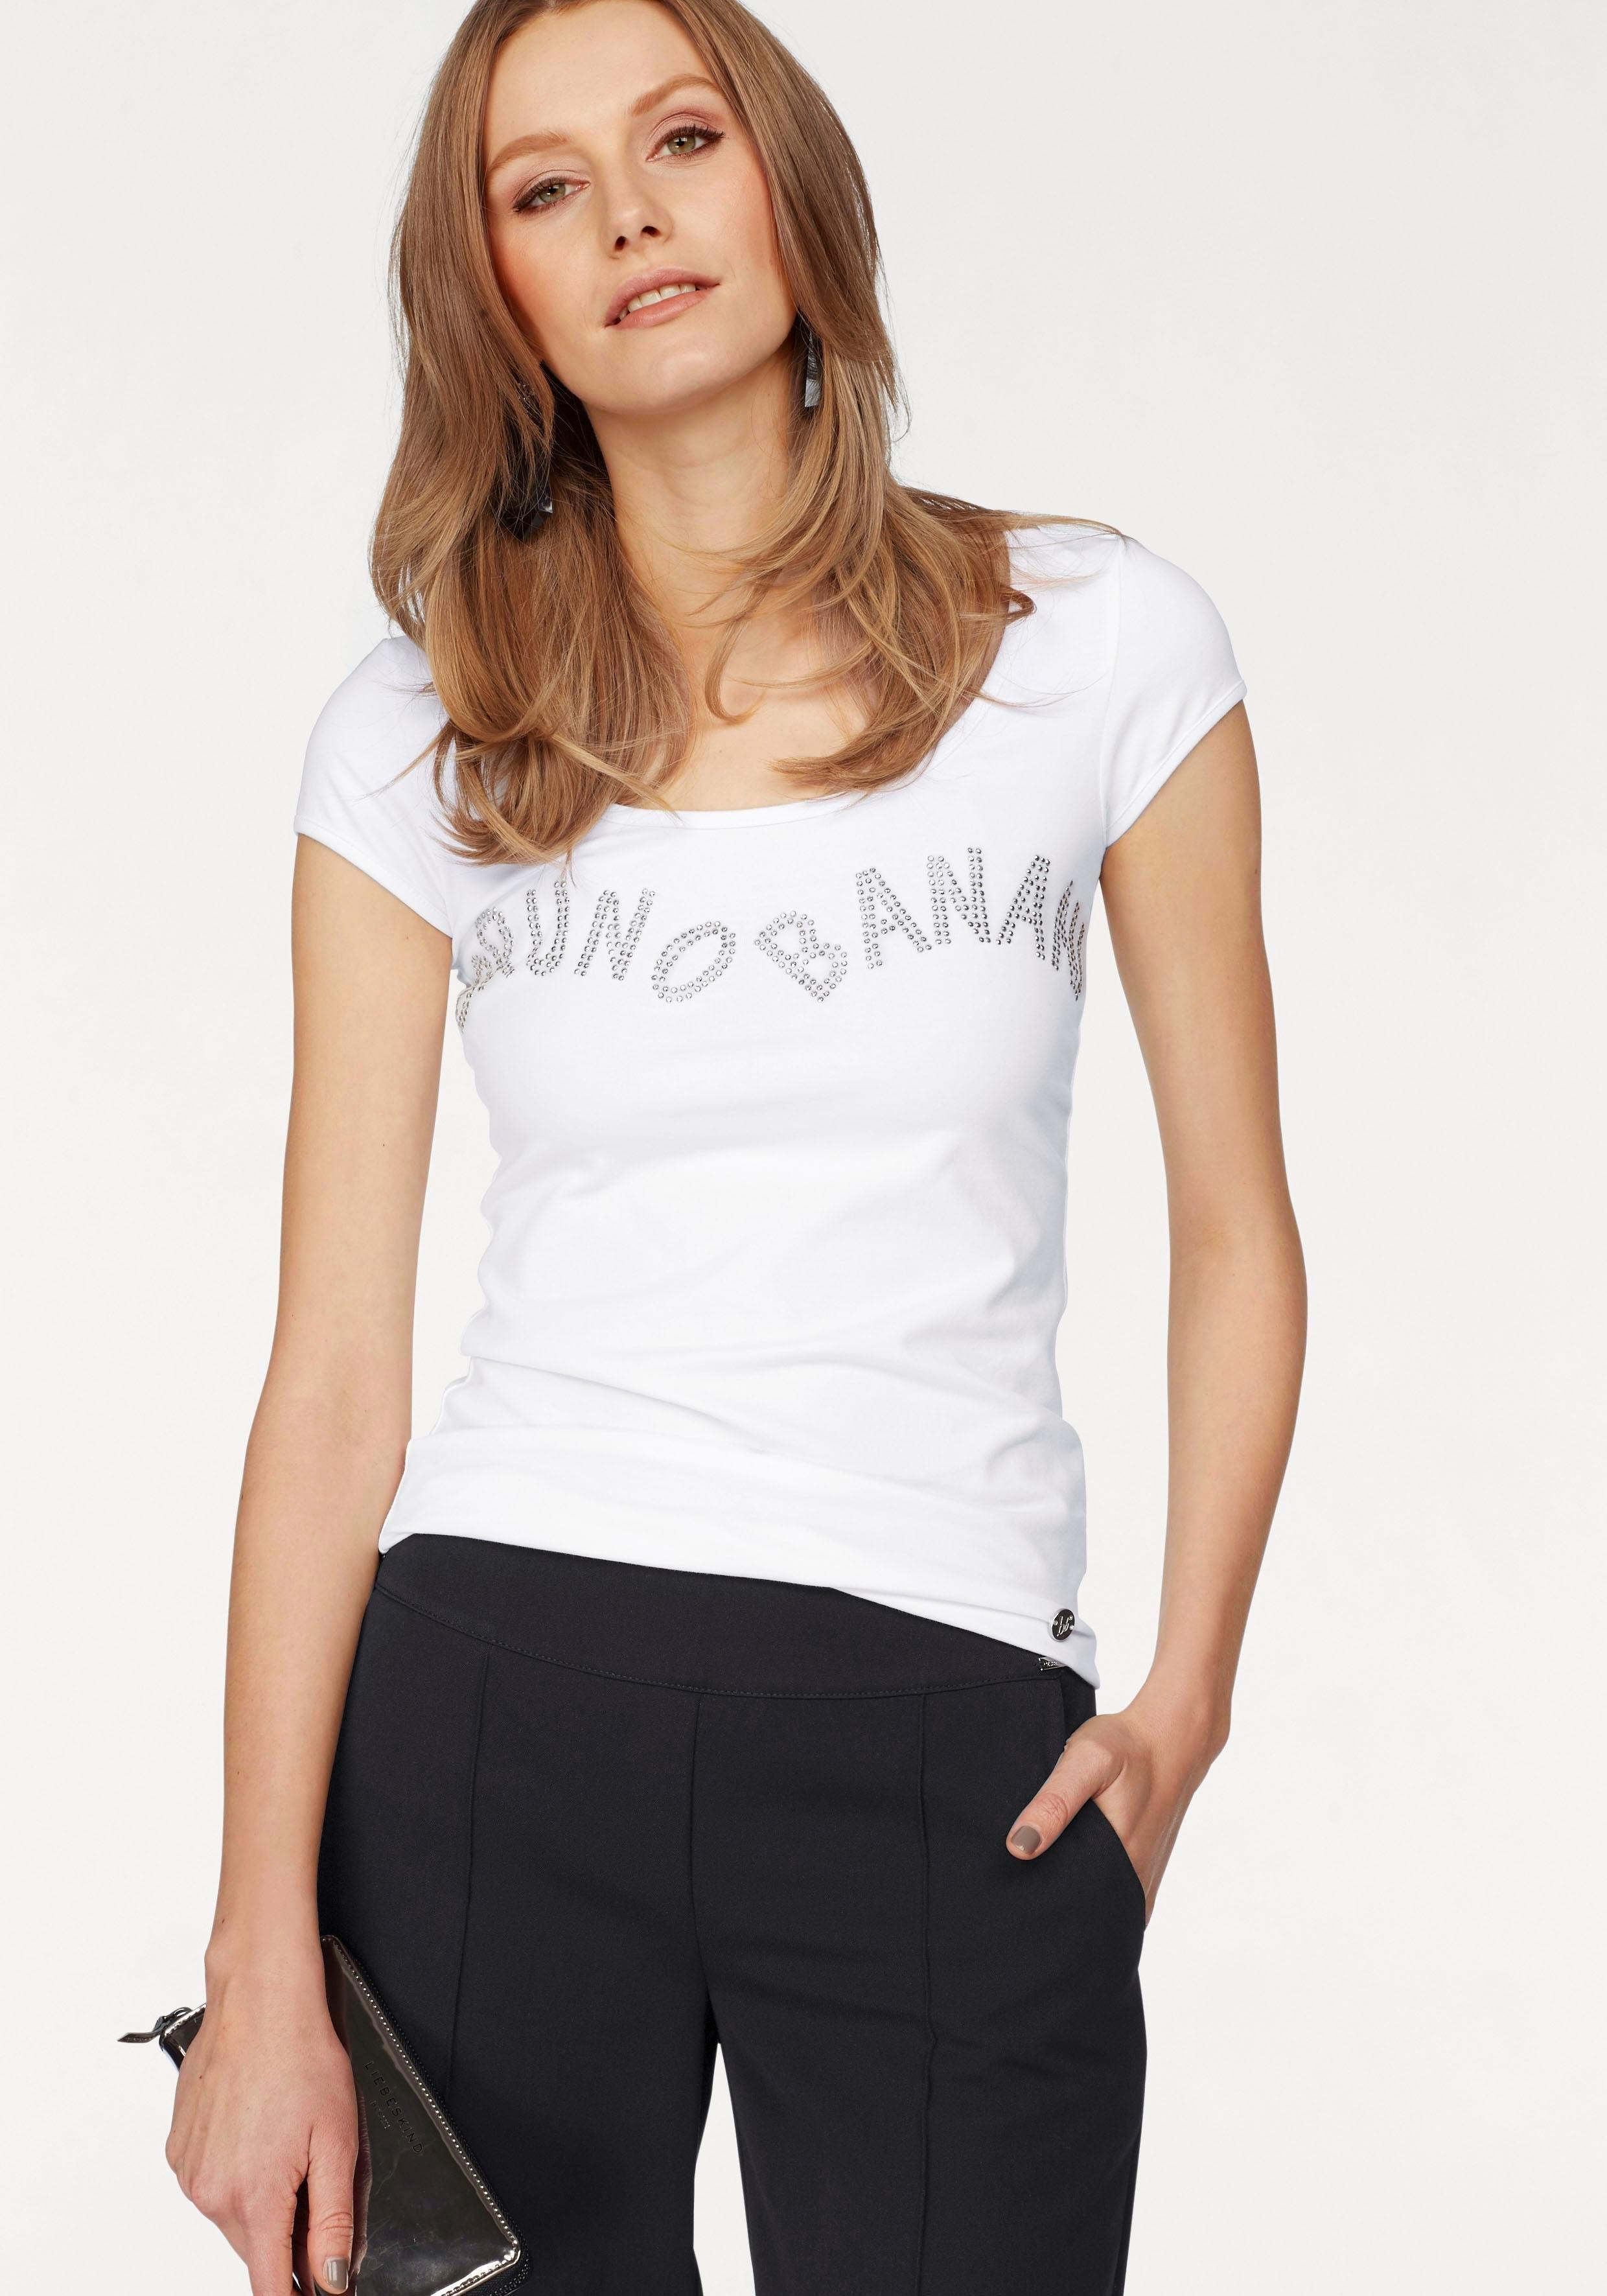 bruno banani T-shirt met glitterstuds voordelig en veilig online kopen